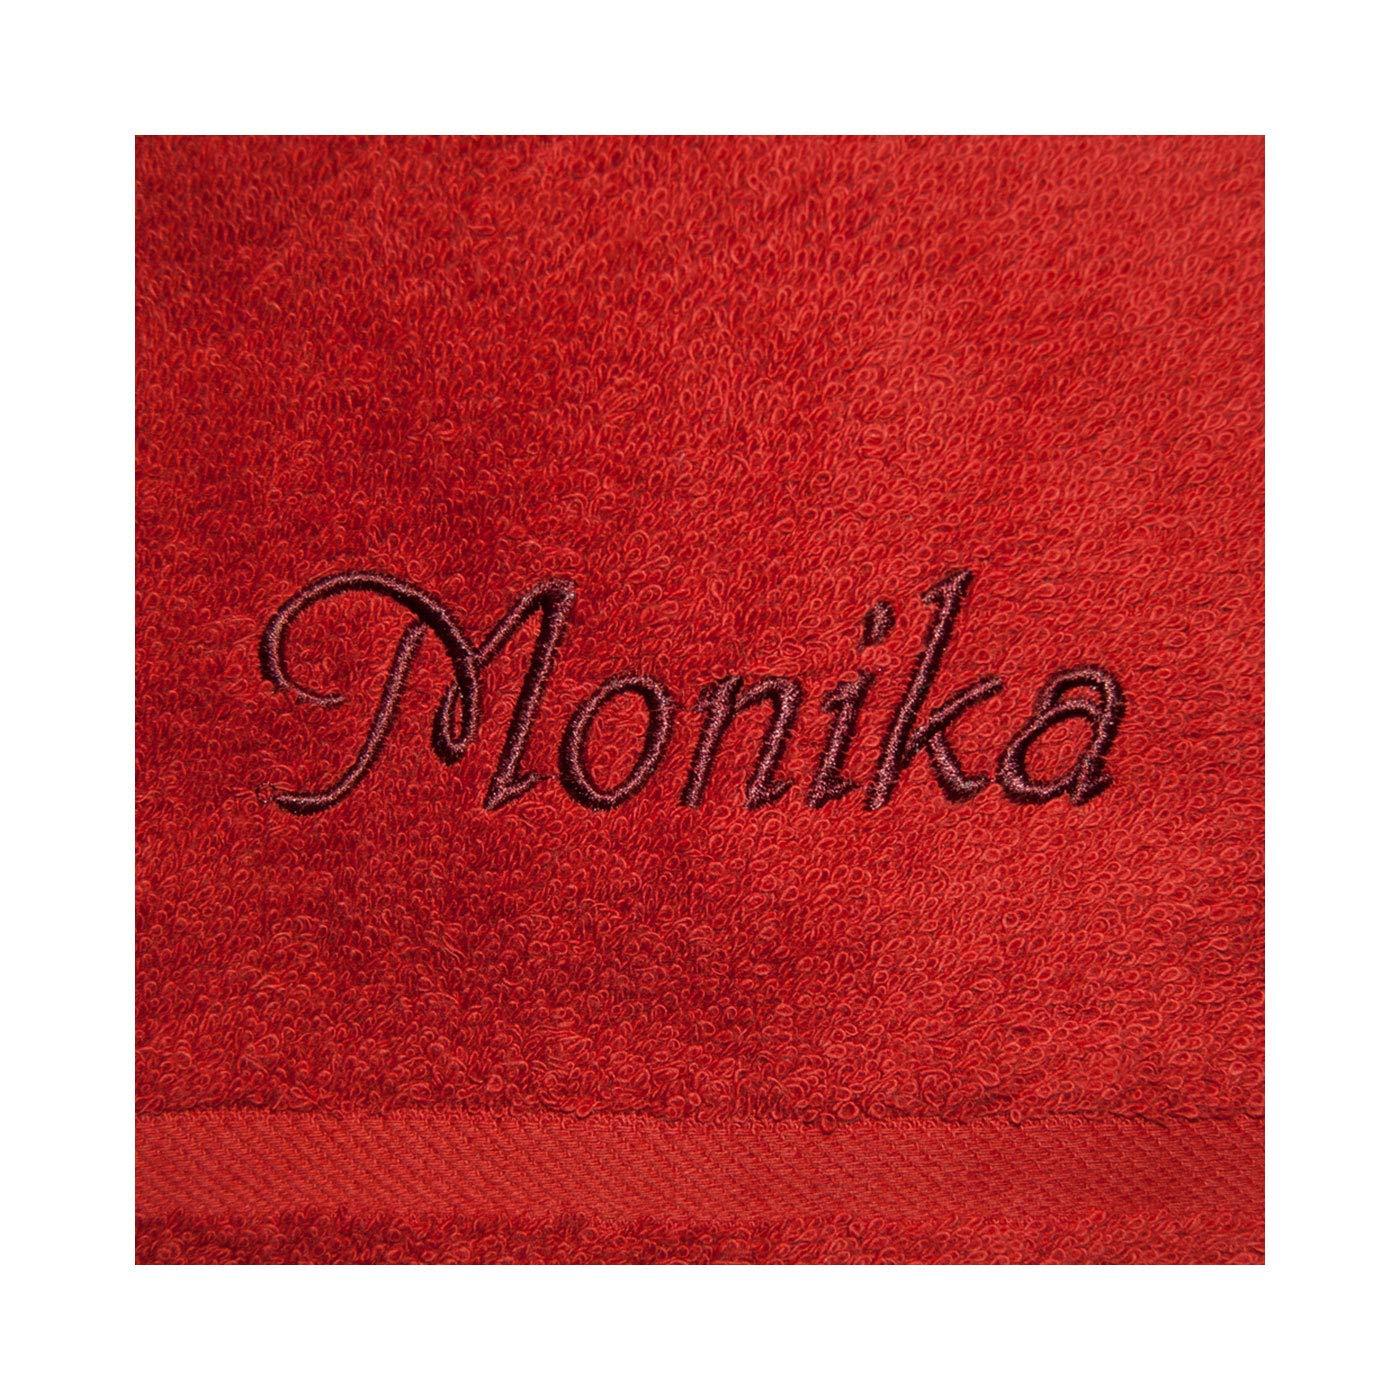 XXL-lujo-toalla con nombre/concepto leontopodio deseo, 90 x 220 cm, varios coloures, extra pesada 600 G/m² de calidad, toalla Supreme, 100% algodón, ...